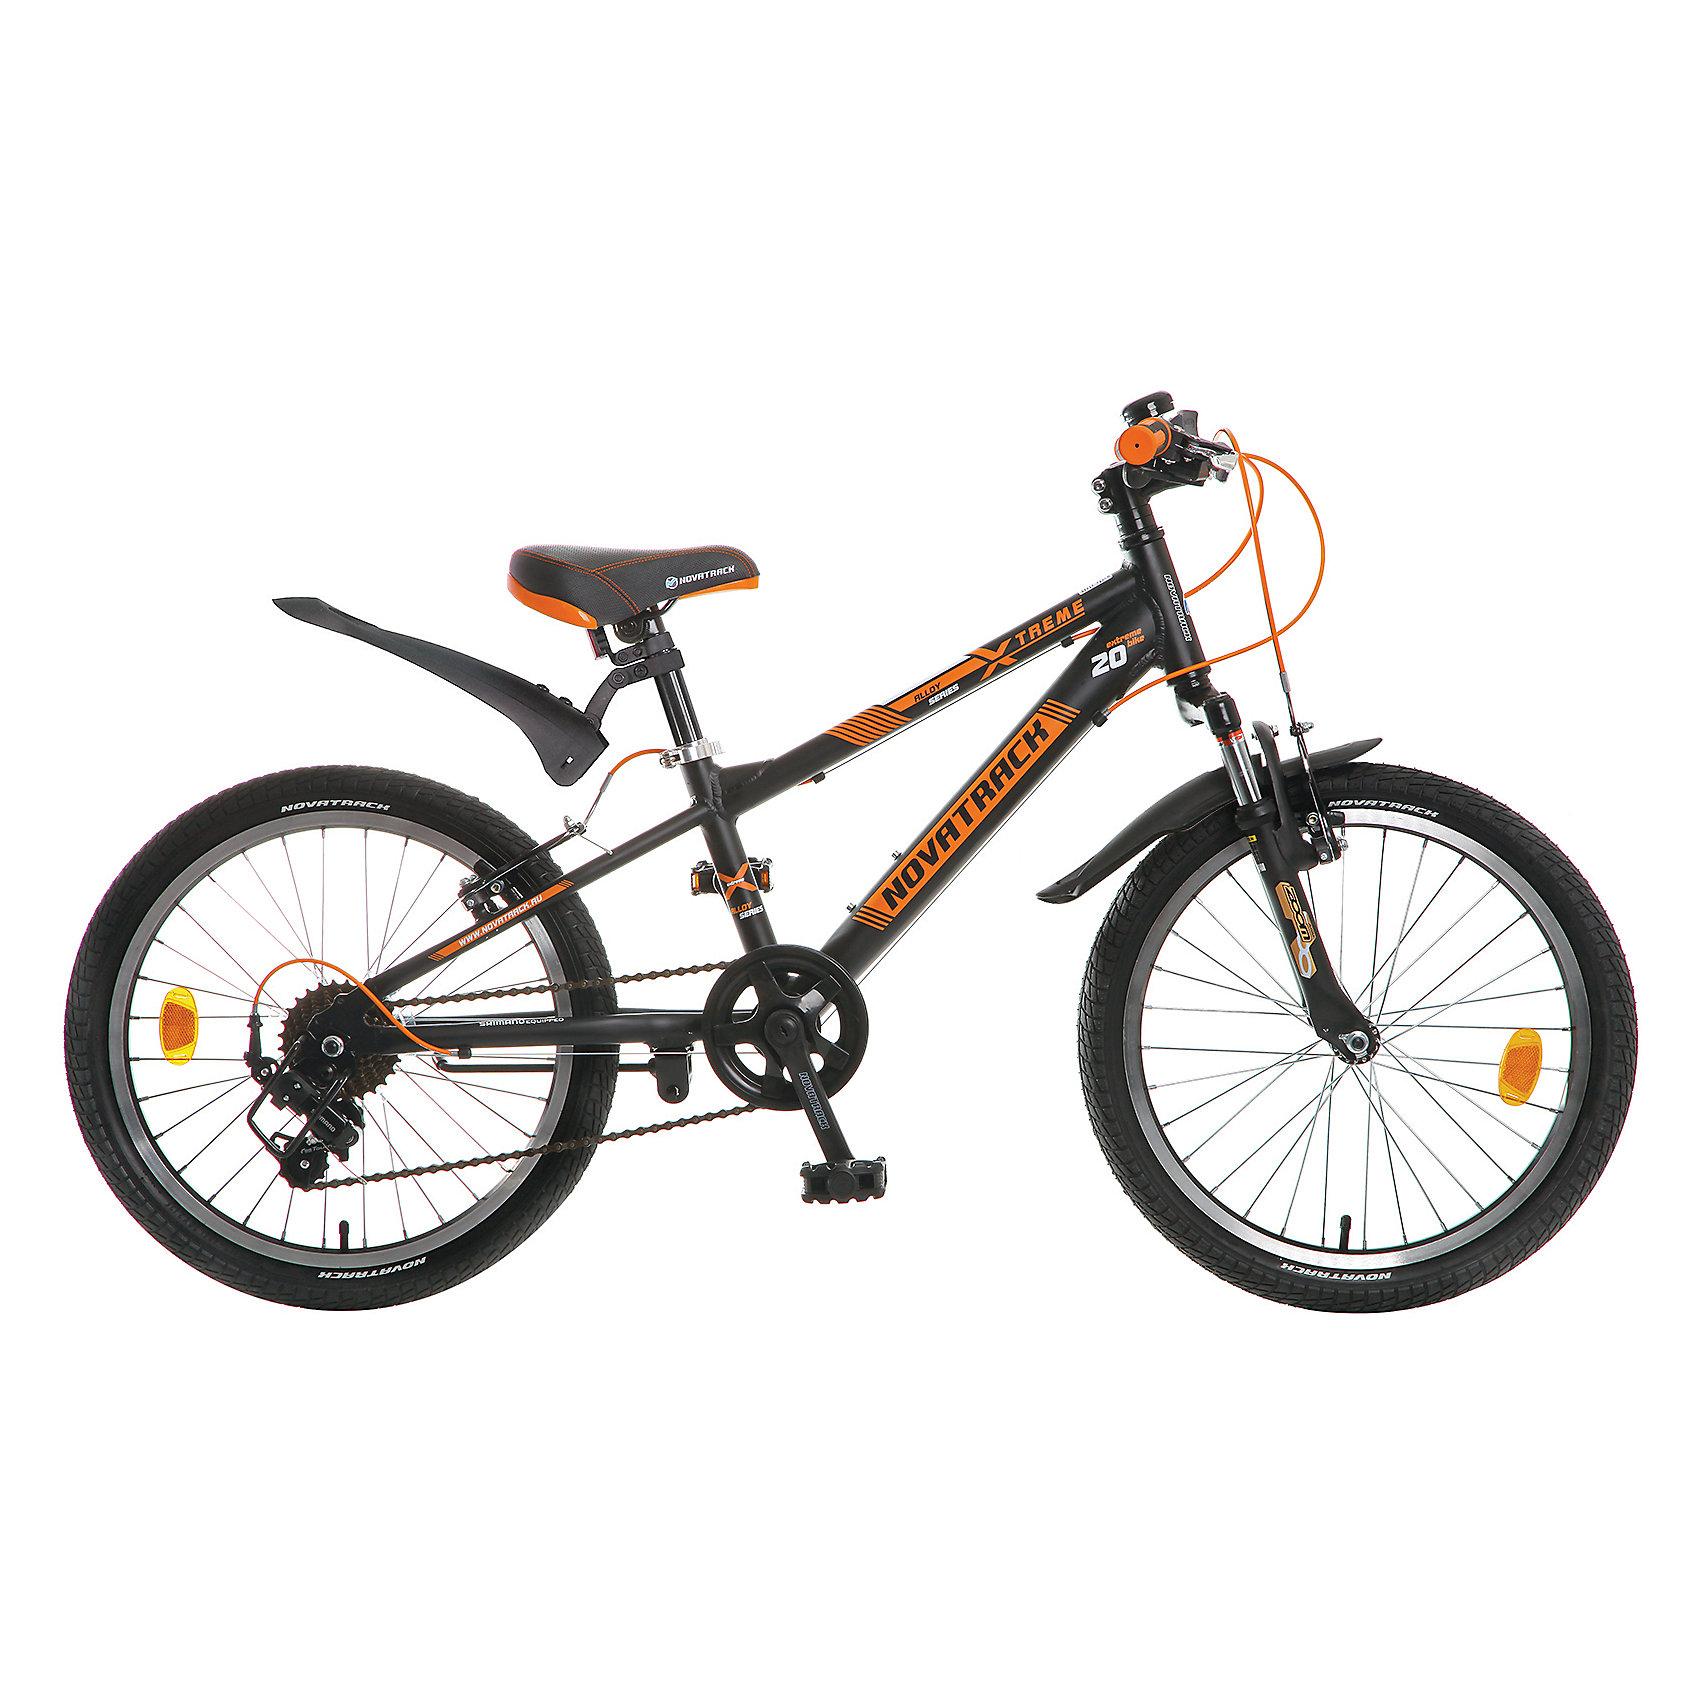 Велосипед Extreme, черно-оранжевый, 20 дюймов, NovatrackВелосипеды детские<br>Характеристики товара:<br><br>• цвет: черный, оранжевый<br>• возраст: 7-10 лет<br>• стальная рама<br>• мягкое регулируемое по высоте седло<br>• руль регулируется по высоте<br>• диаметр колес: 20 дюйма<br>• ручной тормоз<br>• ножной тормоз <br>• передний и задний амортизаторы<br>• 7 скоростей<br>• мягкие накладки на руле<br><br>Novatrack Extreme 20'' – это безопасный и надежный велосипед для мальчиков 7-10 лет, который поможет освоить азы катания на скоростном велосипеде. <br><br>20 дюймовые колеса уже отличают эту модель от велосипедов, на которых катаются дошколята. Велосипед оснащен 7-скоростной системой переключения передач, амортизационной вилкой, передним ручным тормозом, регулируемым сидением и рулем, для обеспечения удобной посадки. Велосипед достаточно легкий, поэтому ребенок сможет самостоятельно его транспортировать из дома во двор. <br><br>Extreme 20'' предназначен для активной езды и готов к любым испытаниям на детской площадке, в парке и других местах, пригодных для катания.<br><br>Велосипед Extreme, черно-оранжевый, 20 дюймов, Novatrack можно купить в нашем интернет-магазине.<br><br>Ширина мм: 1100<br>Глубина мм: 180<br>Высота мм: 520<br>Вес г: 14000<br>Возраст от месяцев: 84<br>Возраст до месяцев: 120<br>Пол: Унисекс<br>Возраст: Детский<br>SKU: 5613210